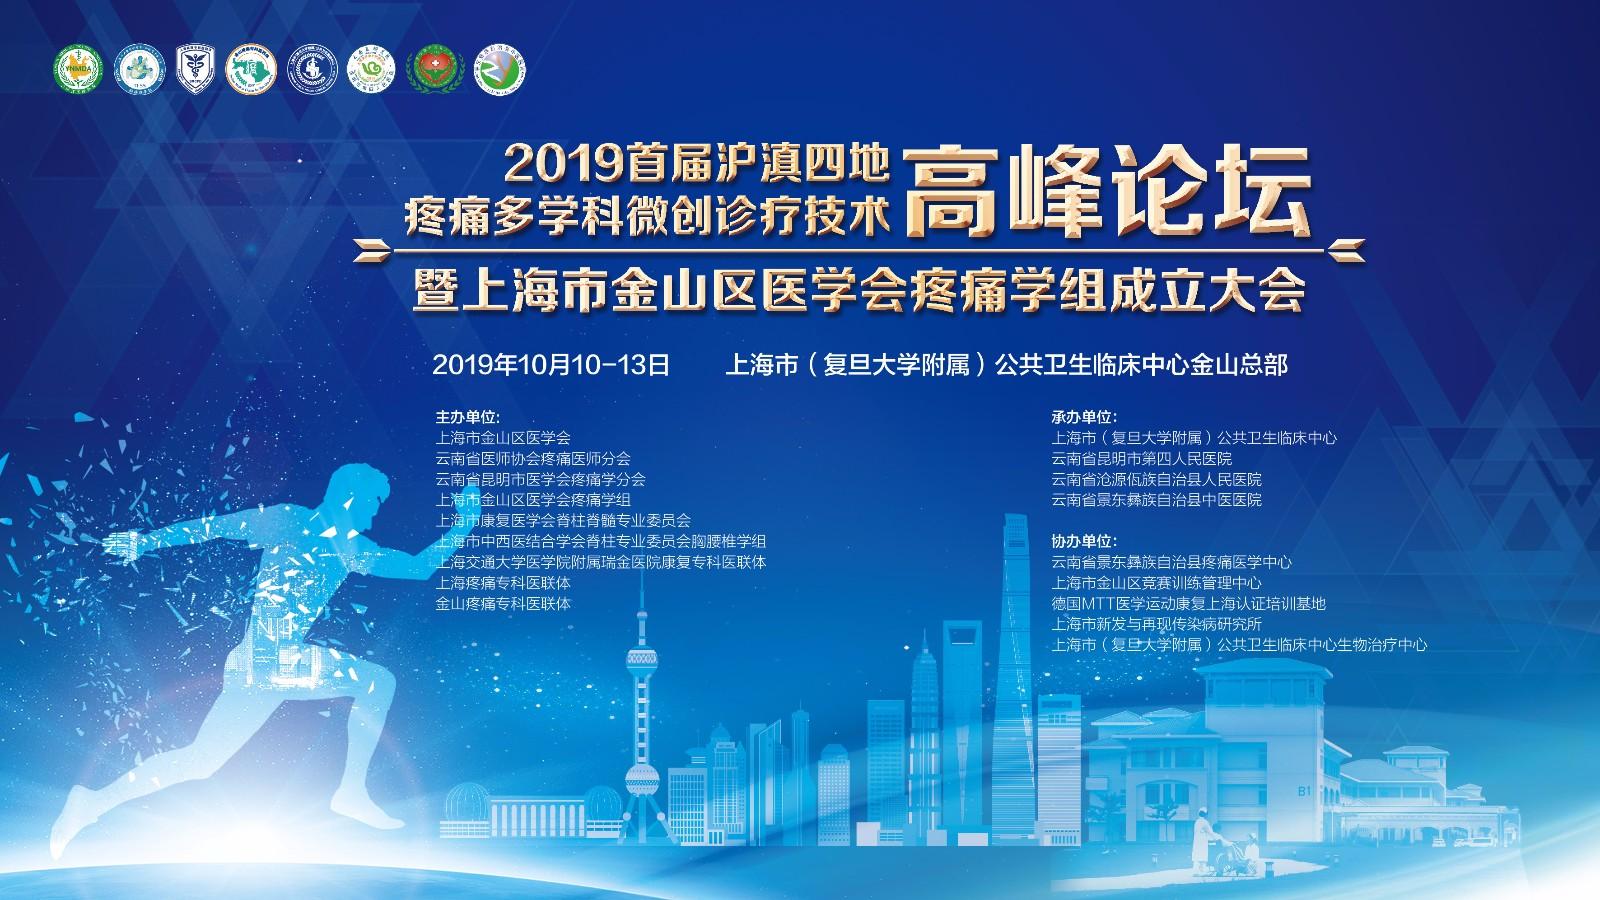 2019首届沪滇四地疼痛多学科微创诊疗技术高峰论坛